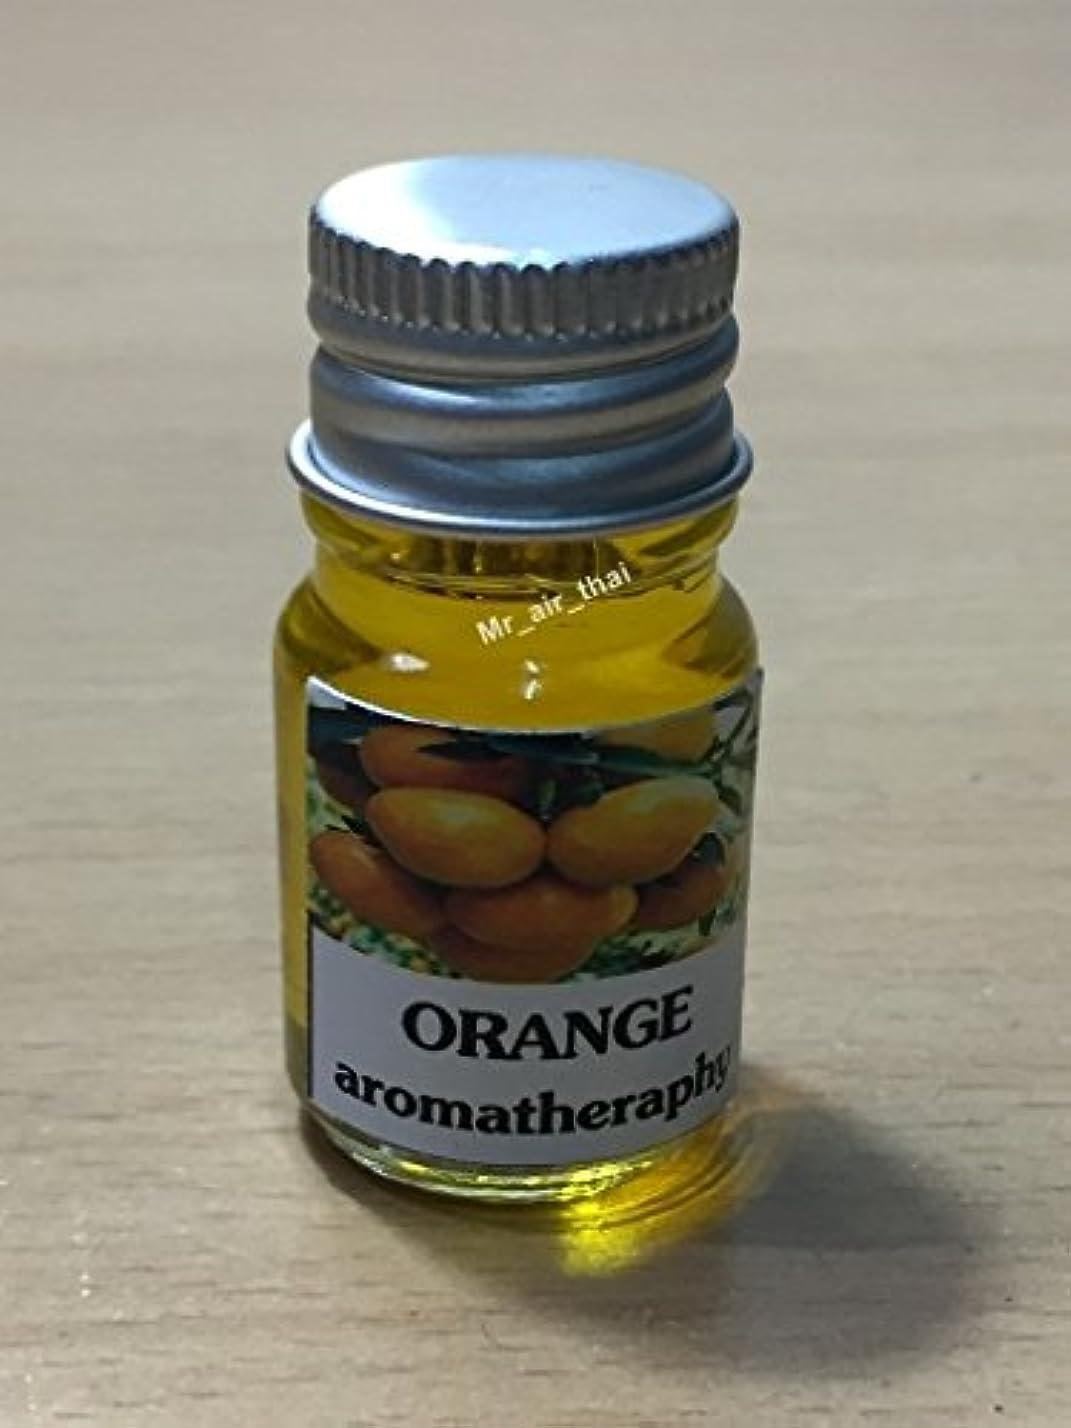 邪悪な上がる謙虚な5ミリリットルアロマオレンジフランクインセンスエッセンシャルオイルボトルアロマテラピーオイル自然自然5ml Aroma Orange Frankincense Essential Oil Bottles Aromatherapy...